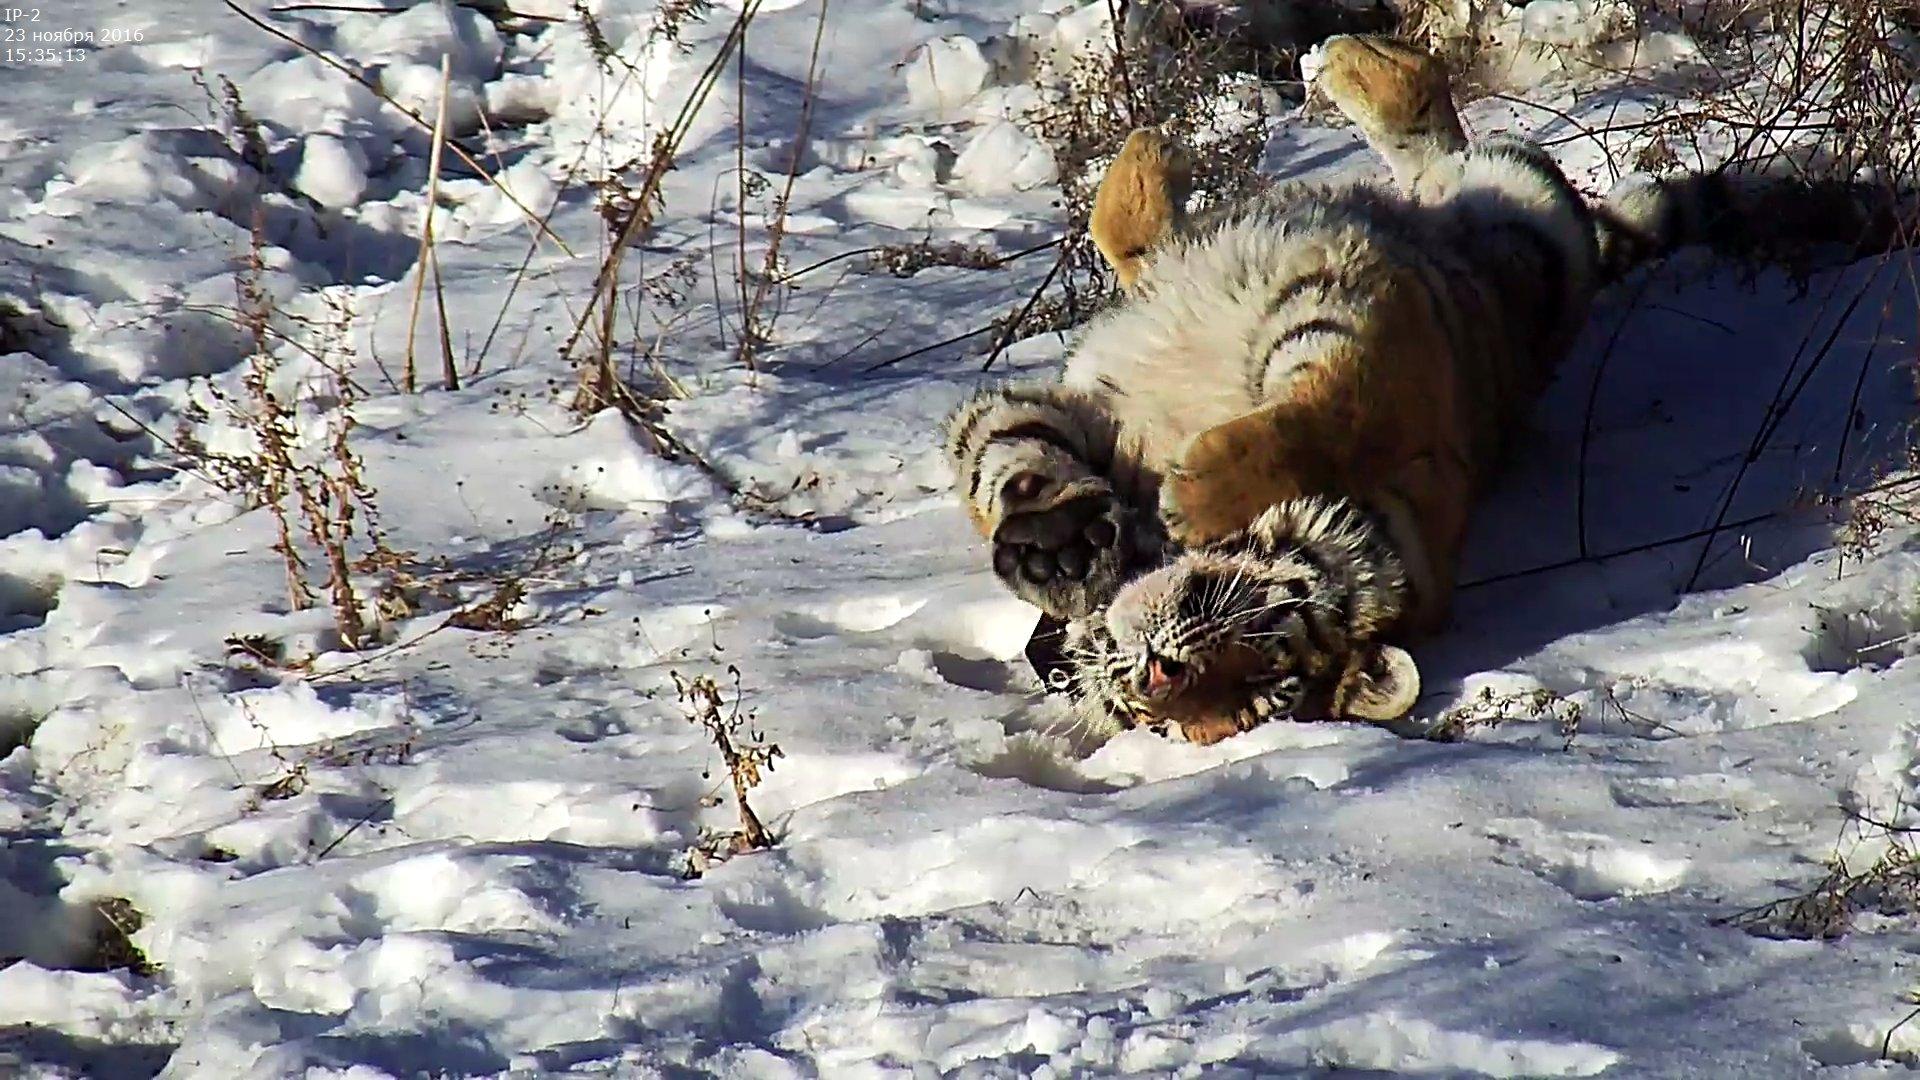 фото амурского тигра +в хорошем качестве